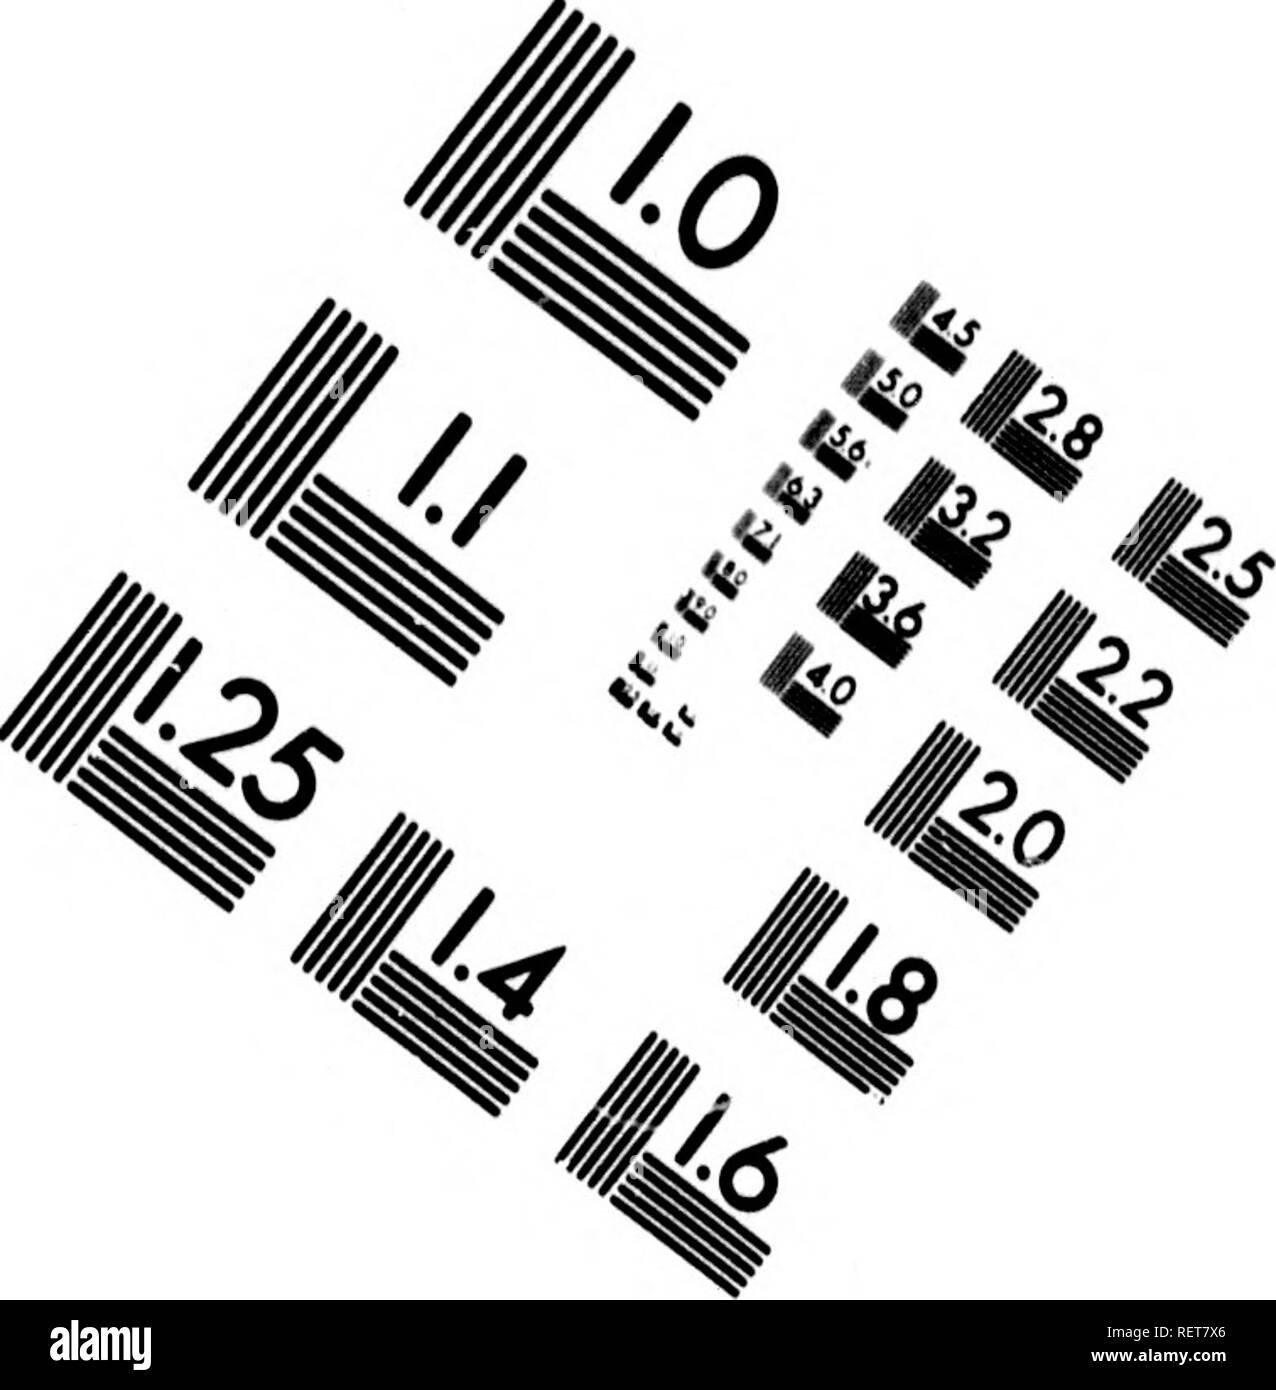 . Histoire naturelle de Buffon [microforme] : classée par ordres, genres et espèces, d'après le système de Linné avec les caractères géné riques et la nomenclature Linnéenne. Sciences naturelles; Ornithologie; Natural history; Ornithology. SMÃGE EVALUATION TEST TARGET (MT-3). 1.0 l.l 1.25 â ^ lââ II 2.2 Ir  ;o 12.0 1.8 M llllijÃ. Please note that these images are extracted from scanned page images that may have been digitally enhanced for readability - coloration and appearance of these illustrations may not perfectly resemble the original work.. Castel, René-Richard, 1758-1832; Bu - Stock Image